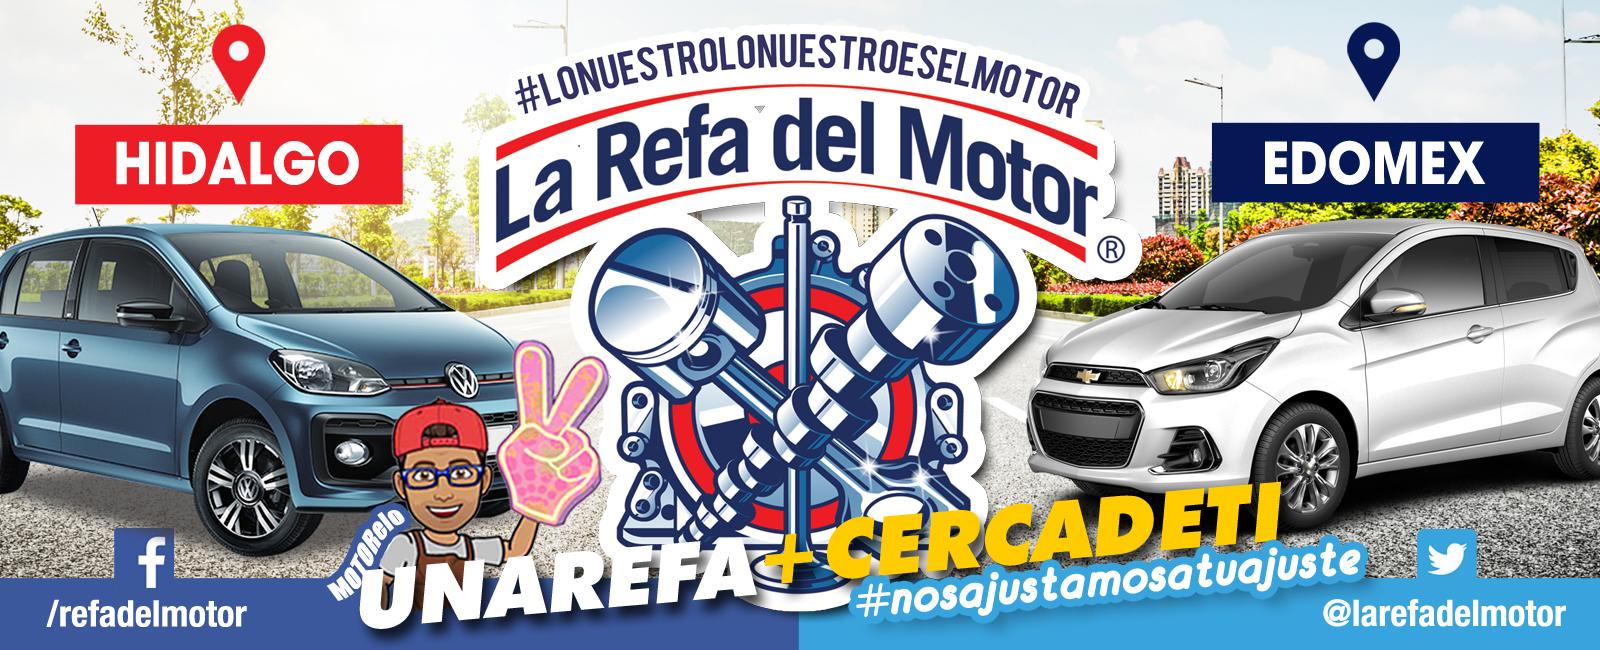 la-refa-del-motor-ajuste-para-tu-motor-primavera-2019-almanaque-mx-tepeji-tula-jilotepec-coacalco